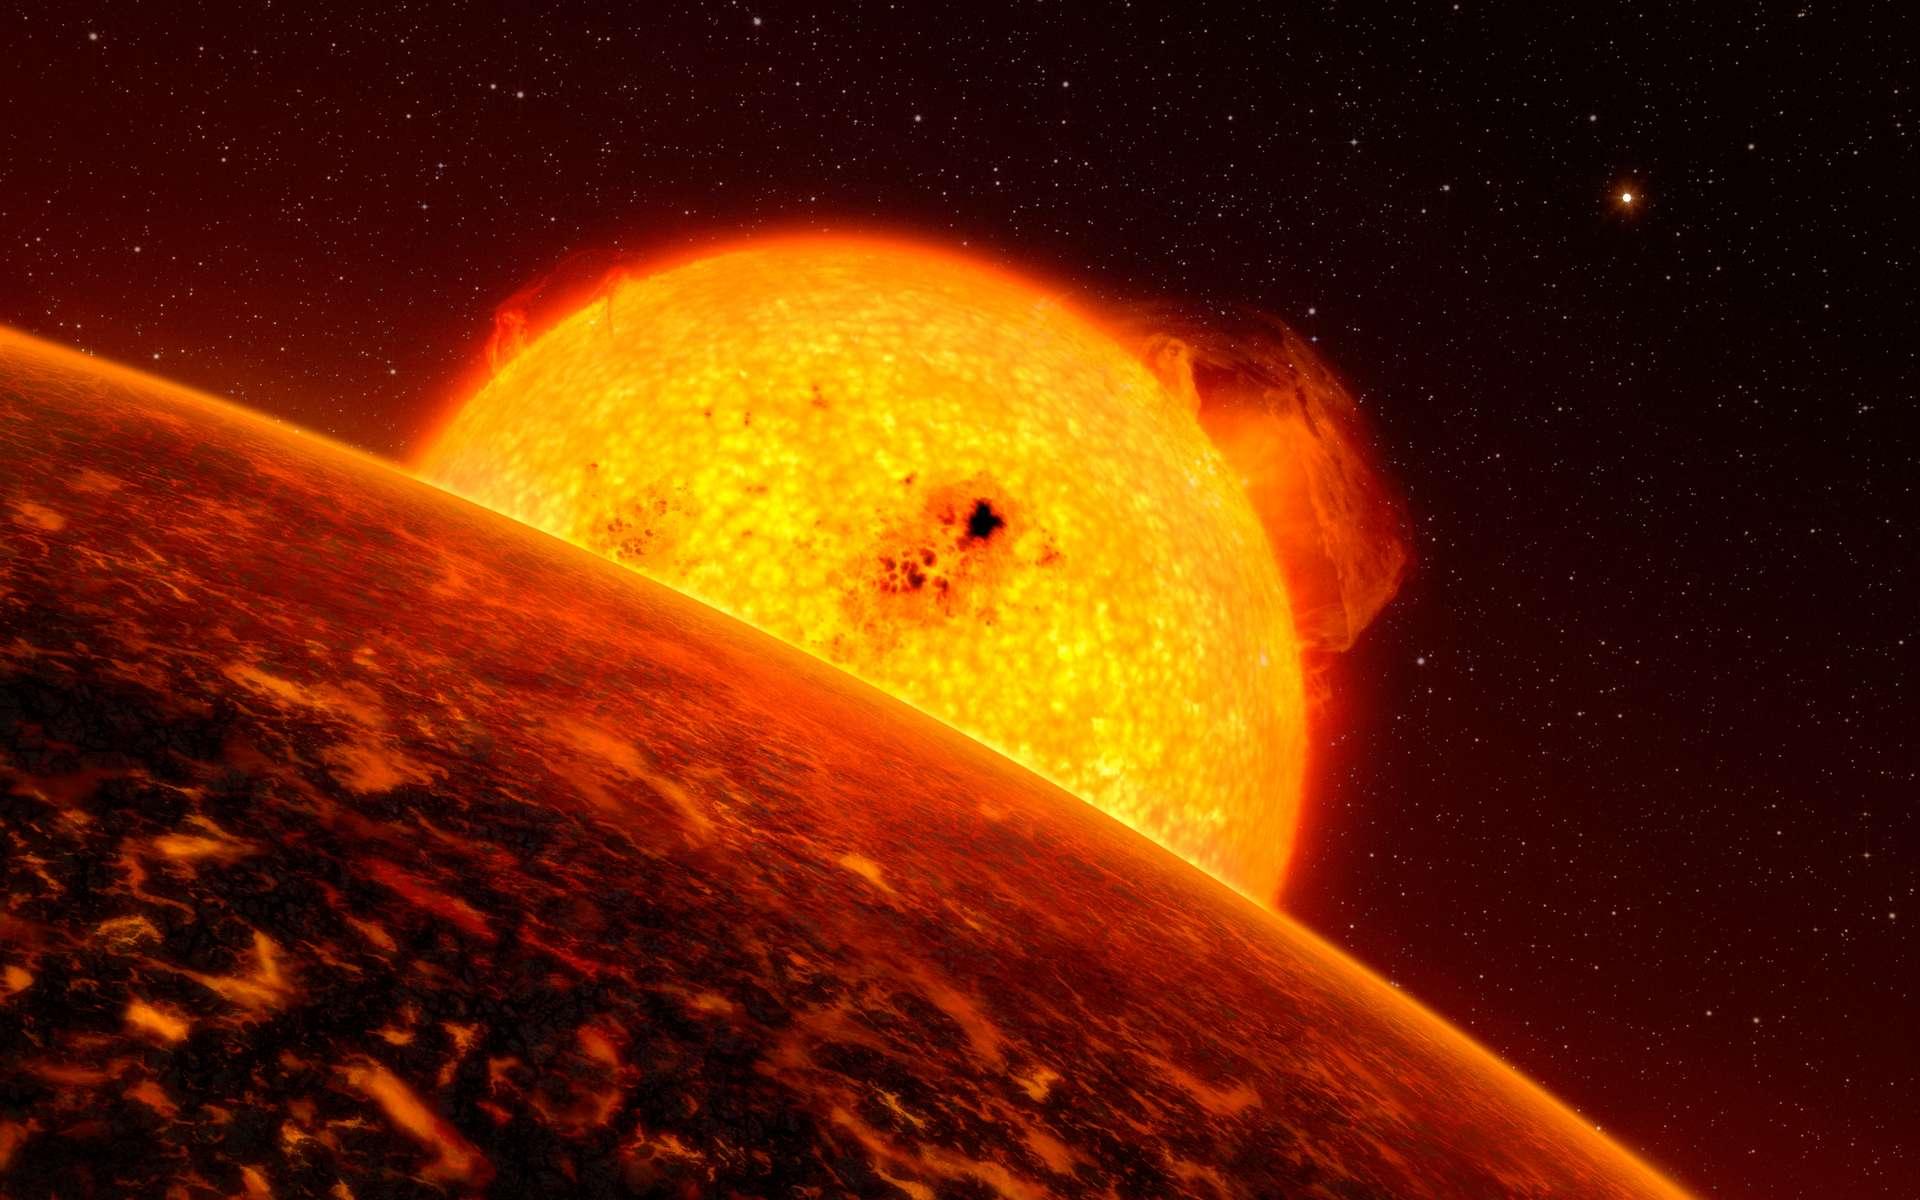 L'exoplanète Corot-7b est proche de son étoile, ressemblant au Soleil, et doit endurer d'extrêmes conditions. Cette planète a une masse environ cinq fois plus grande que celle de la Terre. Elle est en fait l'exoplanète que l'on connaît la plus proche de son étoile, qui fait d'elle également la plus rapide, elle orbite son étoile à une vitesse de plus de 750.000 kilomètres par heure. La probable température sur sa surface est au-dessus de 2.000 degrés durant la journée mais de moins 200 degrés la nuit. Des modèles théoriques suggèrent que la planète est peut-être couverte de lave et d'océans bouillants. Un artiste a produit une impression de ce à quoi la planète pourrait ressembler si elle était couverte de lave. La planète sœur, Corot-7c, peut être vue dans la distance. © ESO, L. Calcada